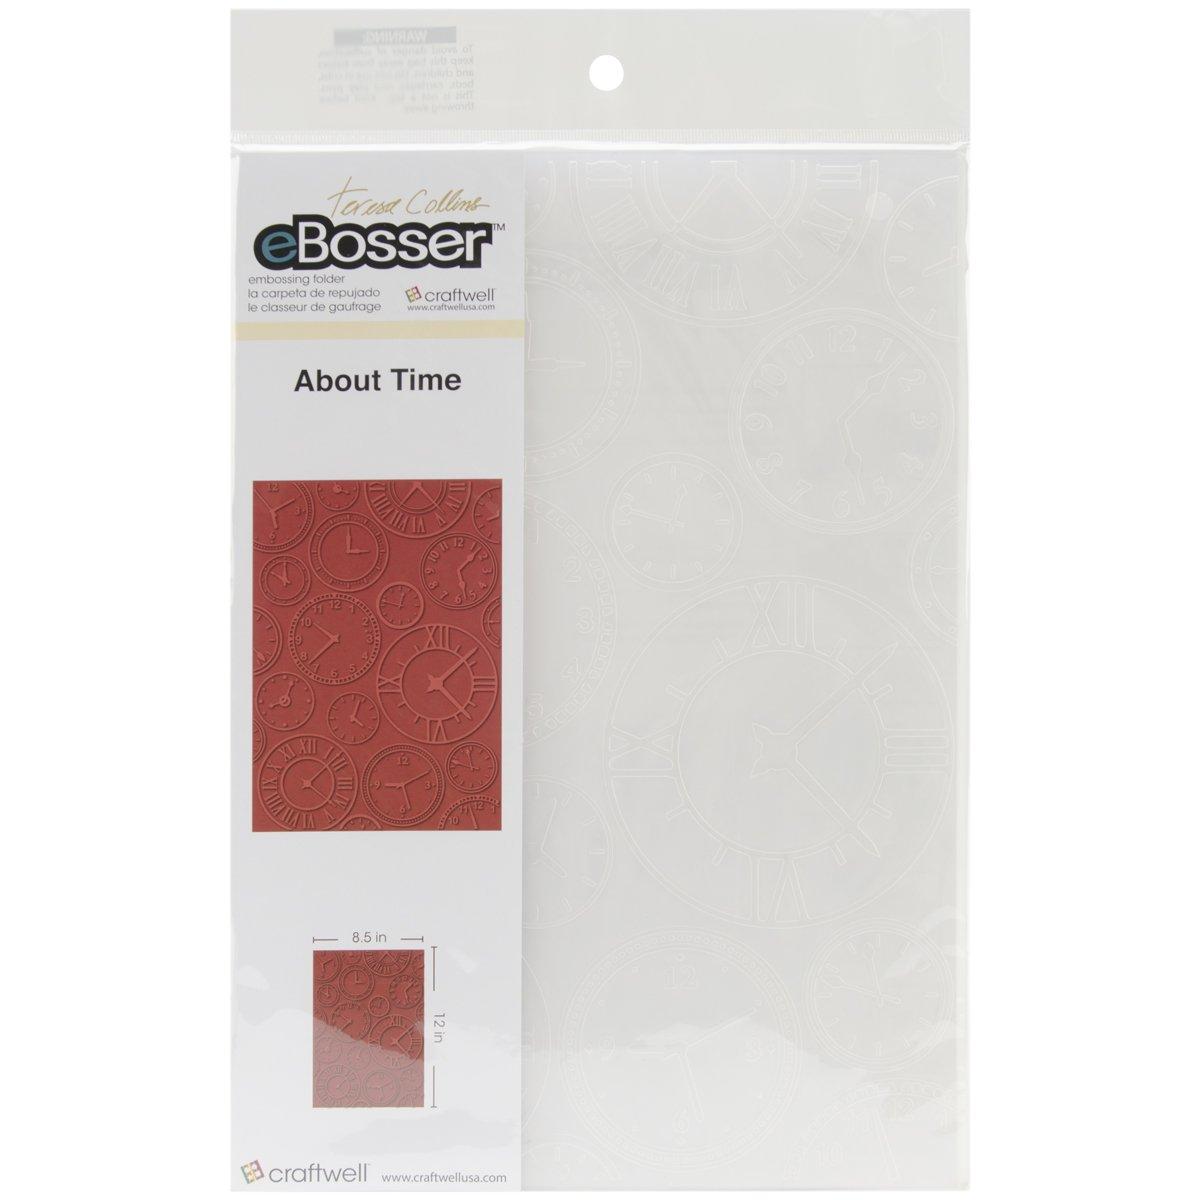 テレサ  コリンズについて時間によってフォルダーの普遍的なサイズをエンボス加工 B00FEGPX8E